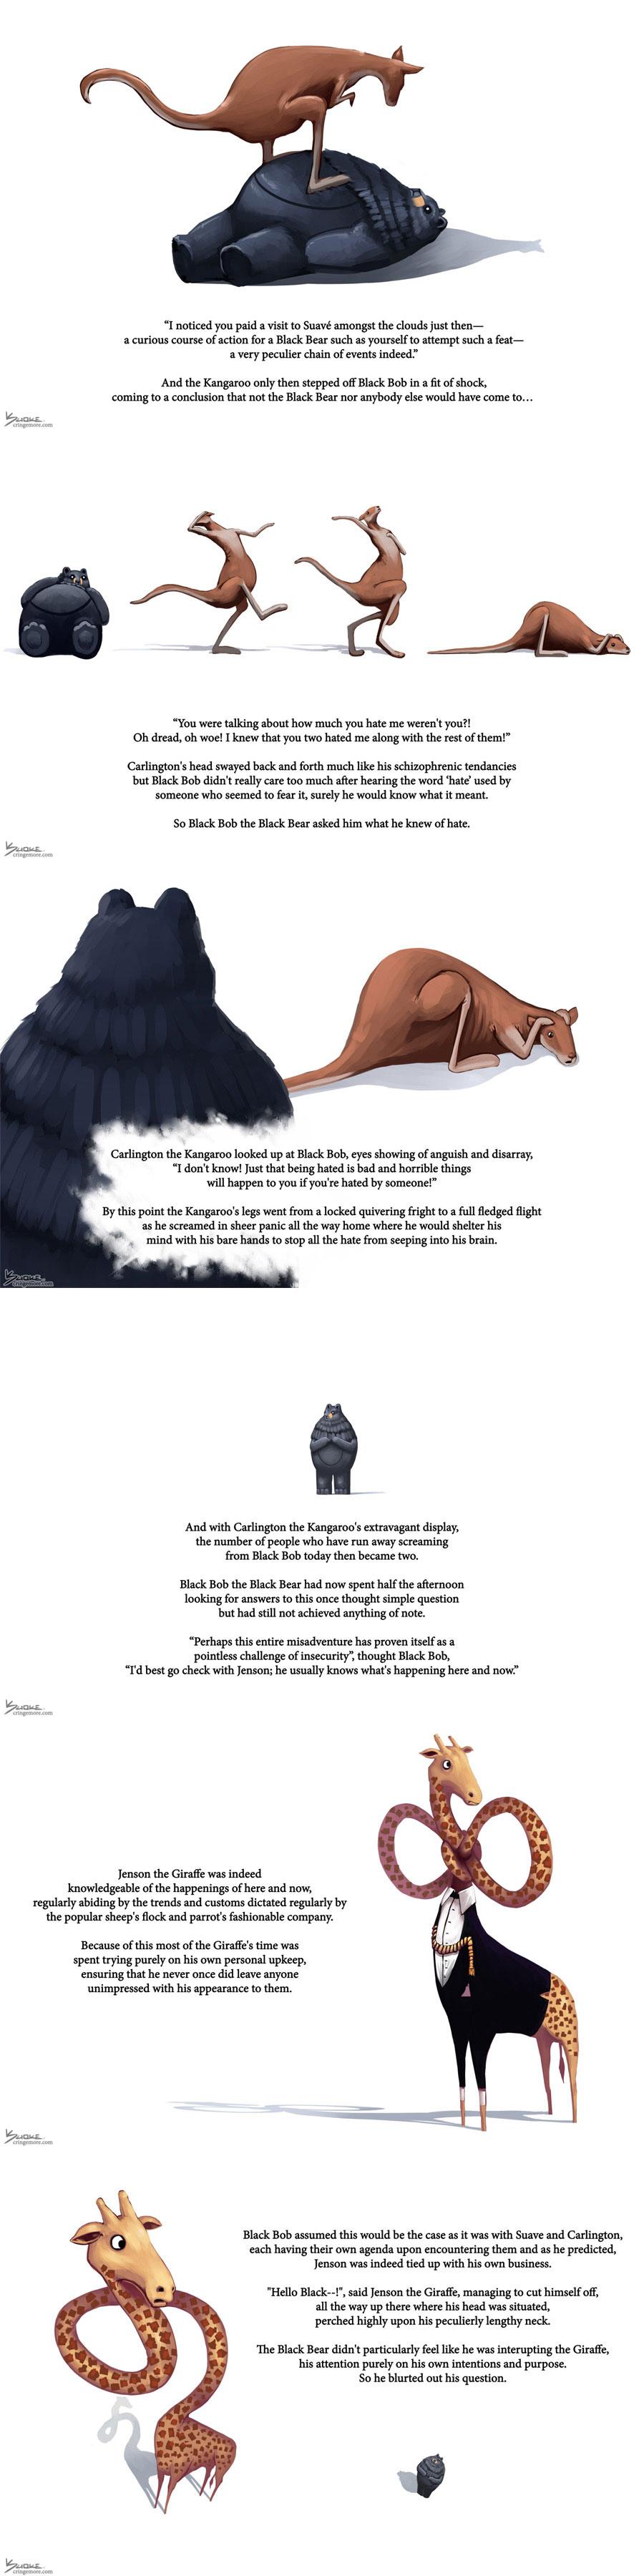 Black Bob the Black Bear 13-18